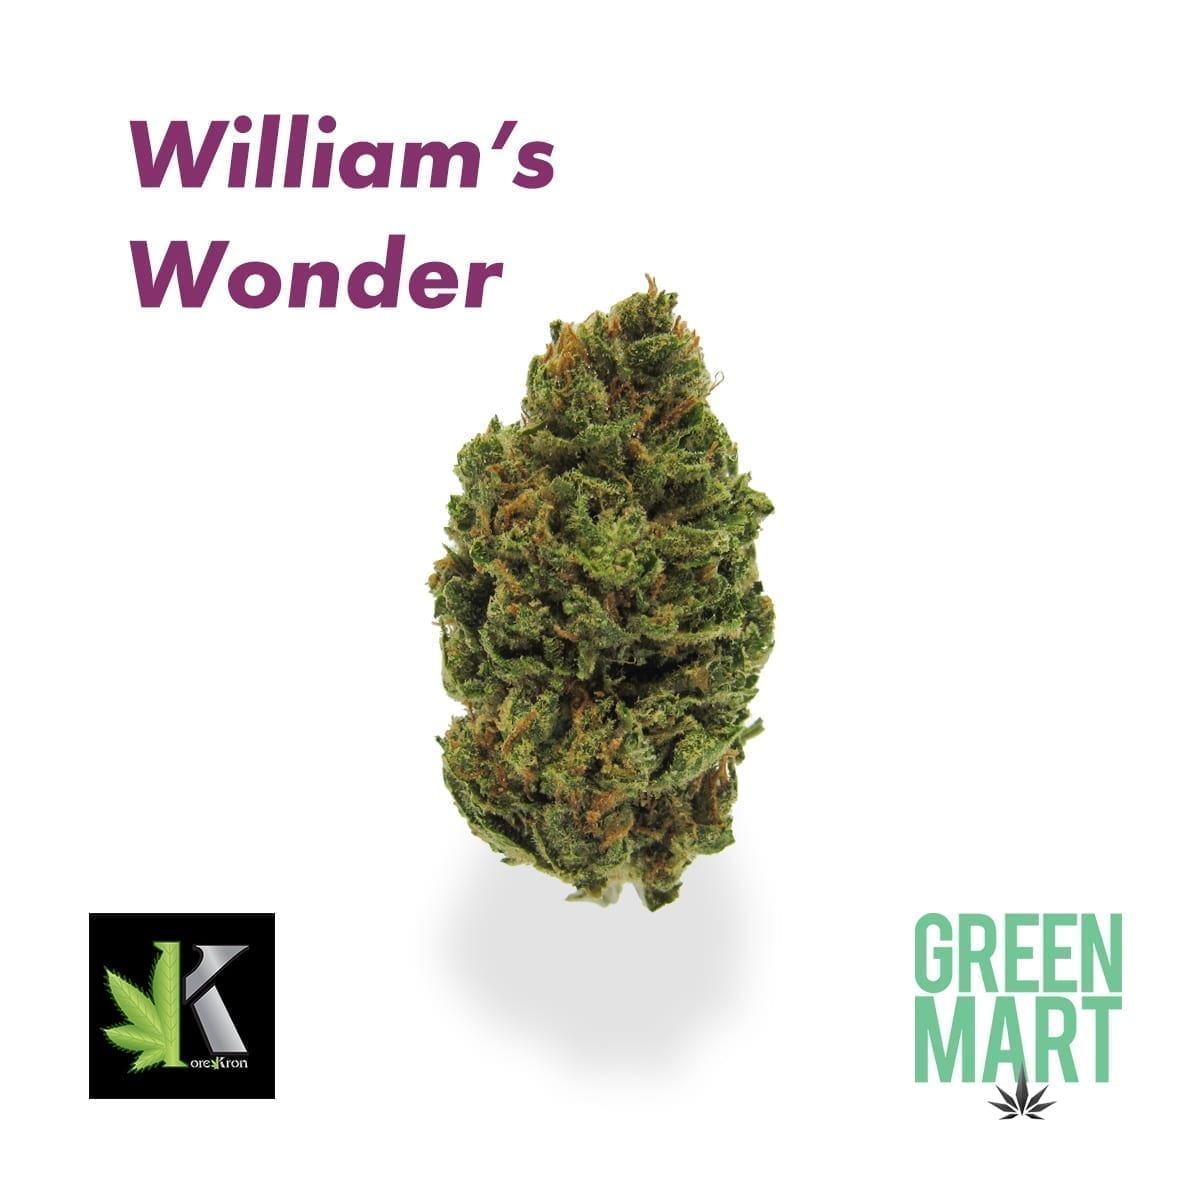 William's Wonder